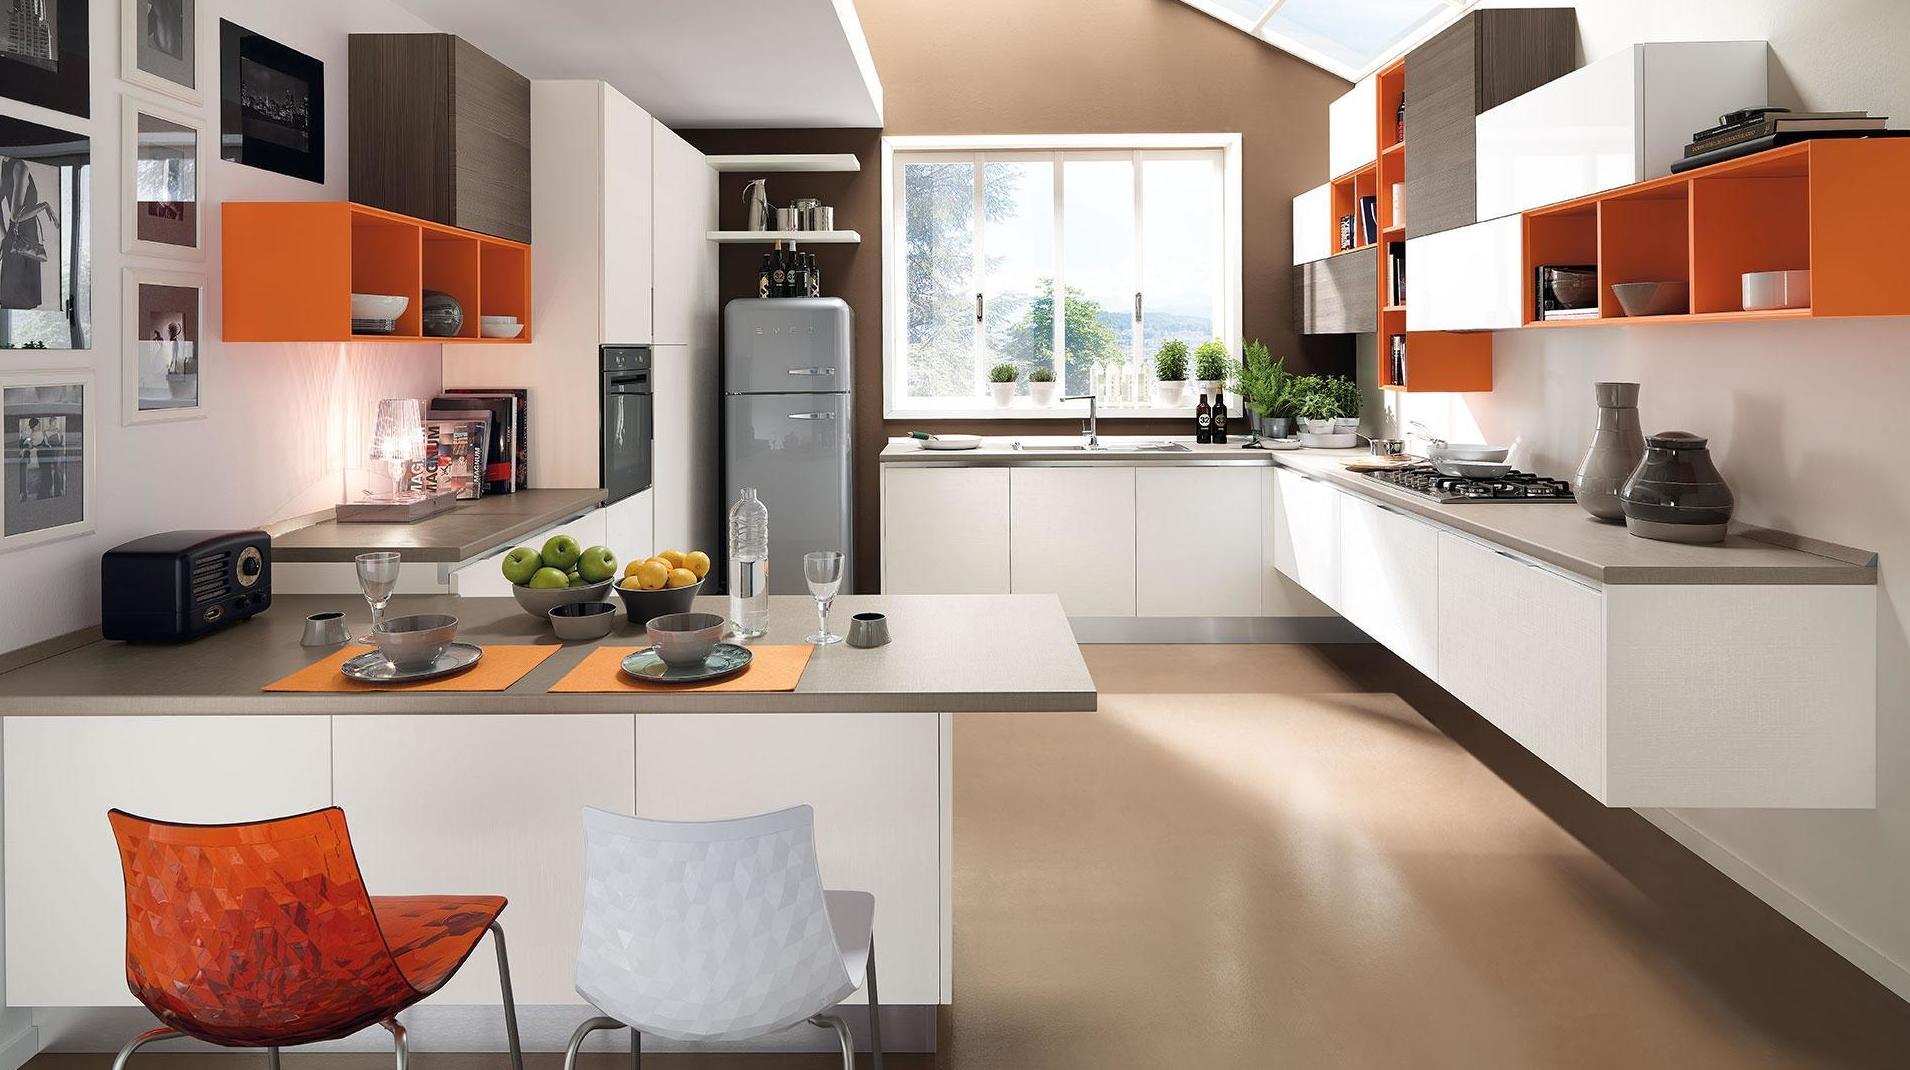 Foto 12 de Cocinas y baños en Getafe | Cocinas y Baños Snello